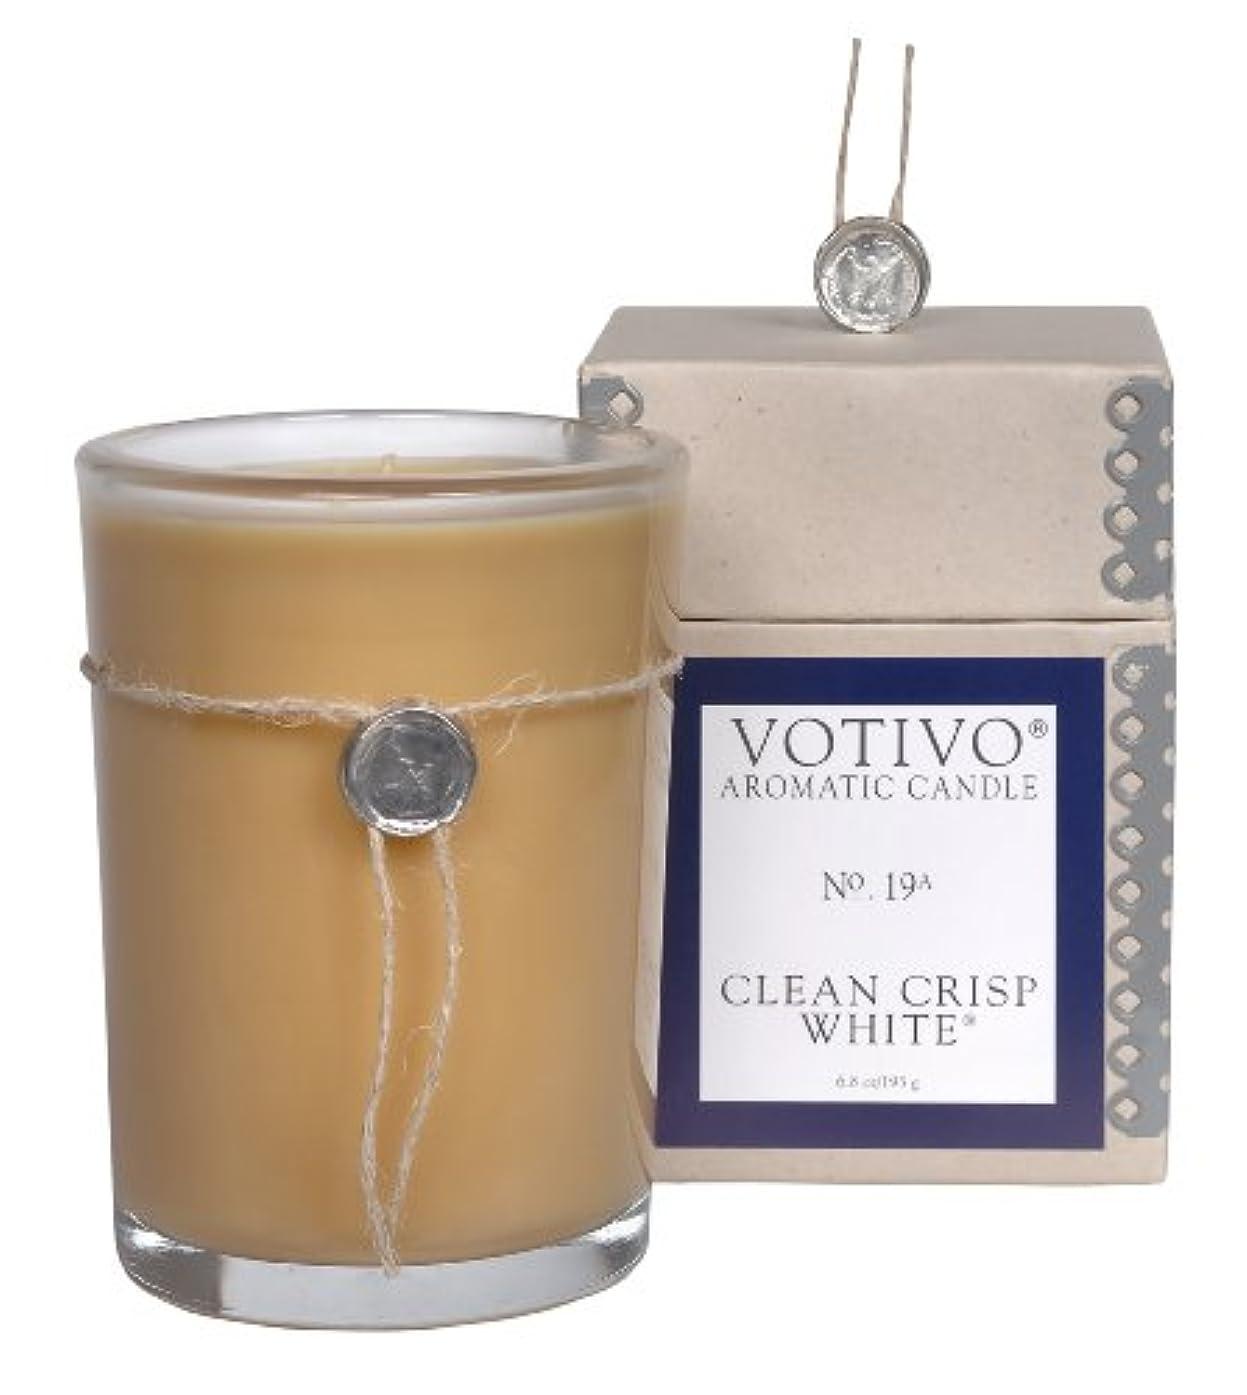 よろめくサージレオナルドダVOTIVO アロマティック グラスキャンドル クリーンクリスプホワイト